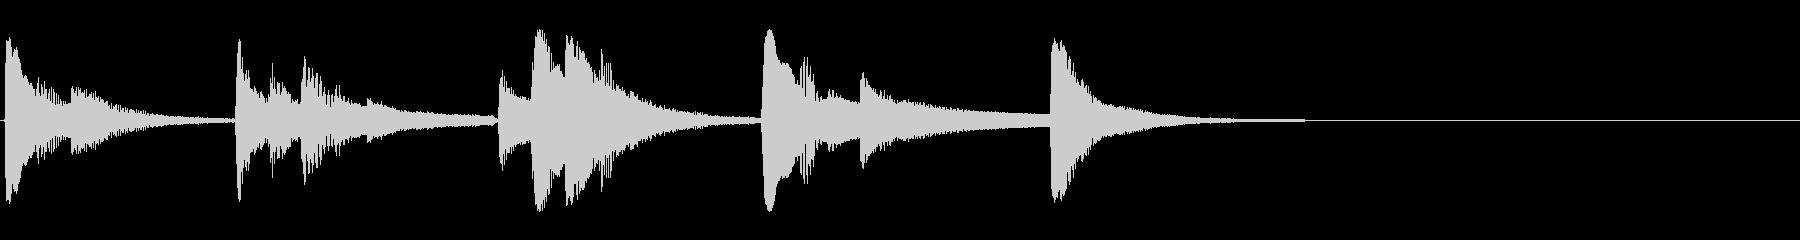 ジングル用 オシャレの未再生の波形